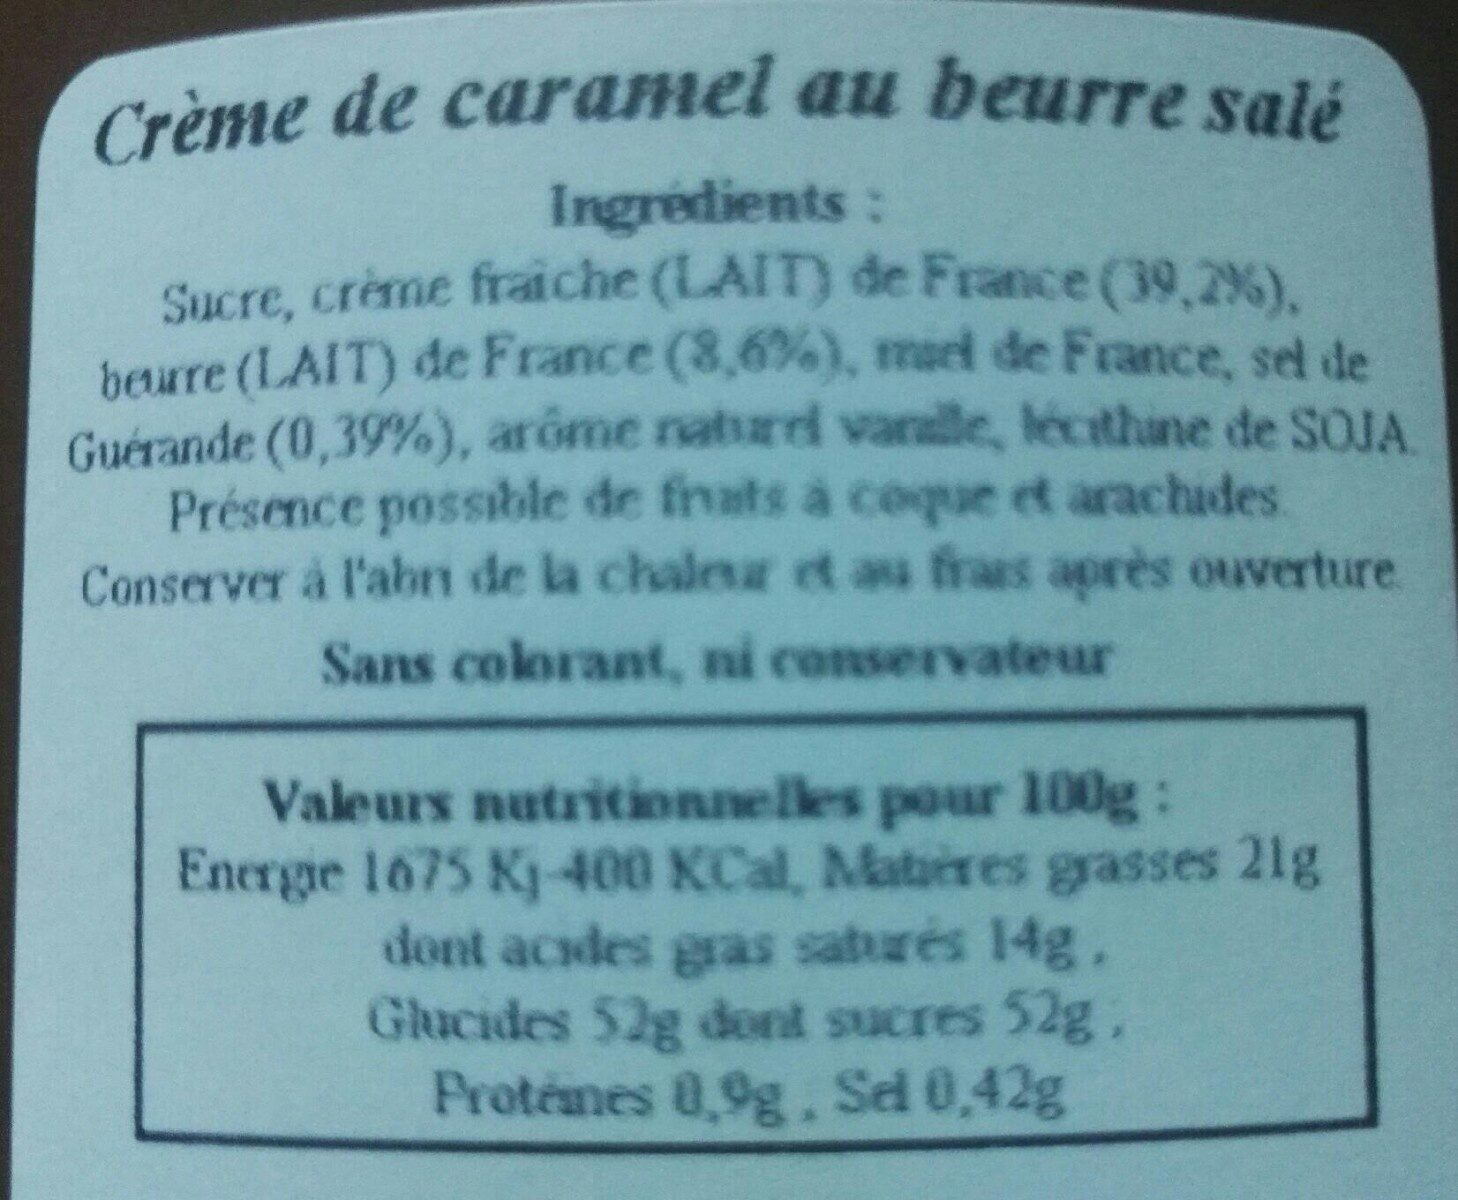 Crème de caramel au beurre salé - Informations nutritionnelles - fr